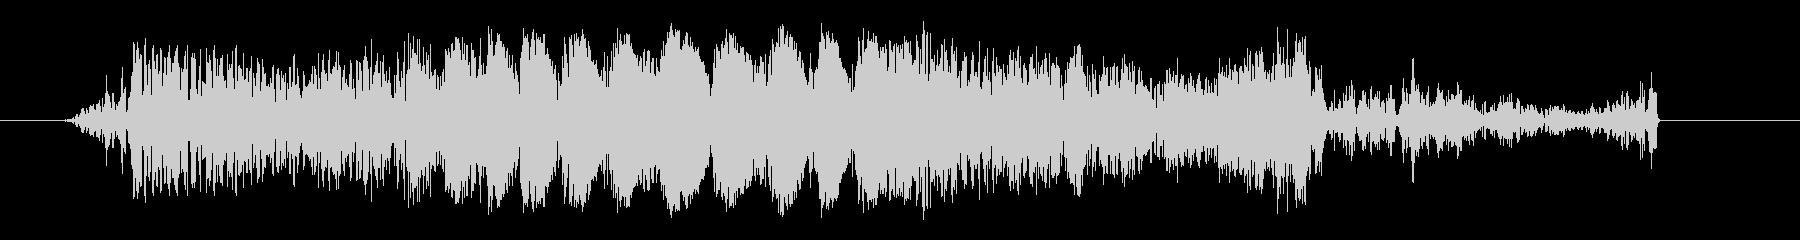 クイックガーブルカットトランジション1の未再生の波形